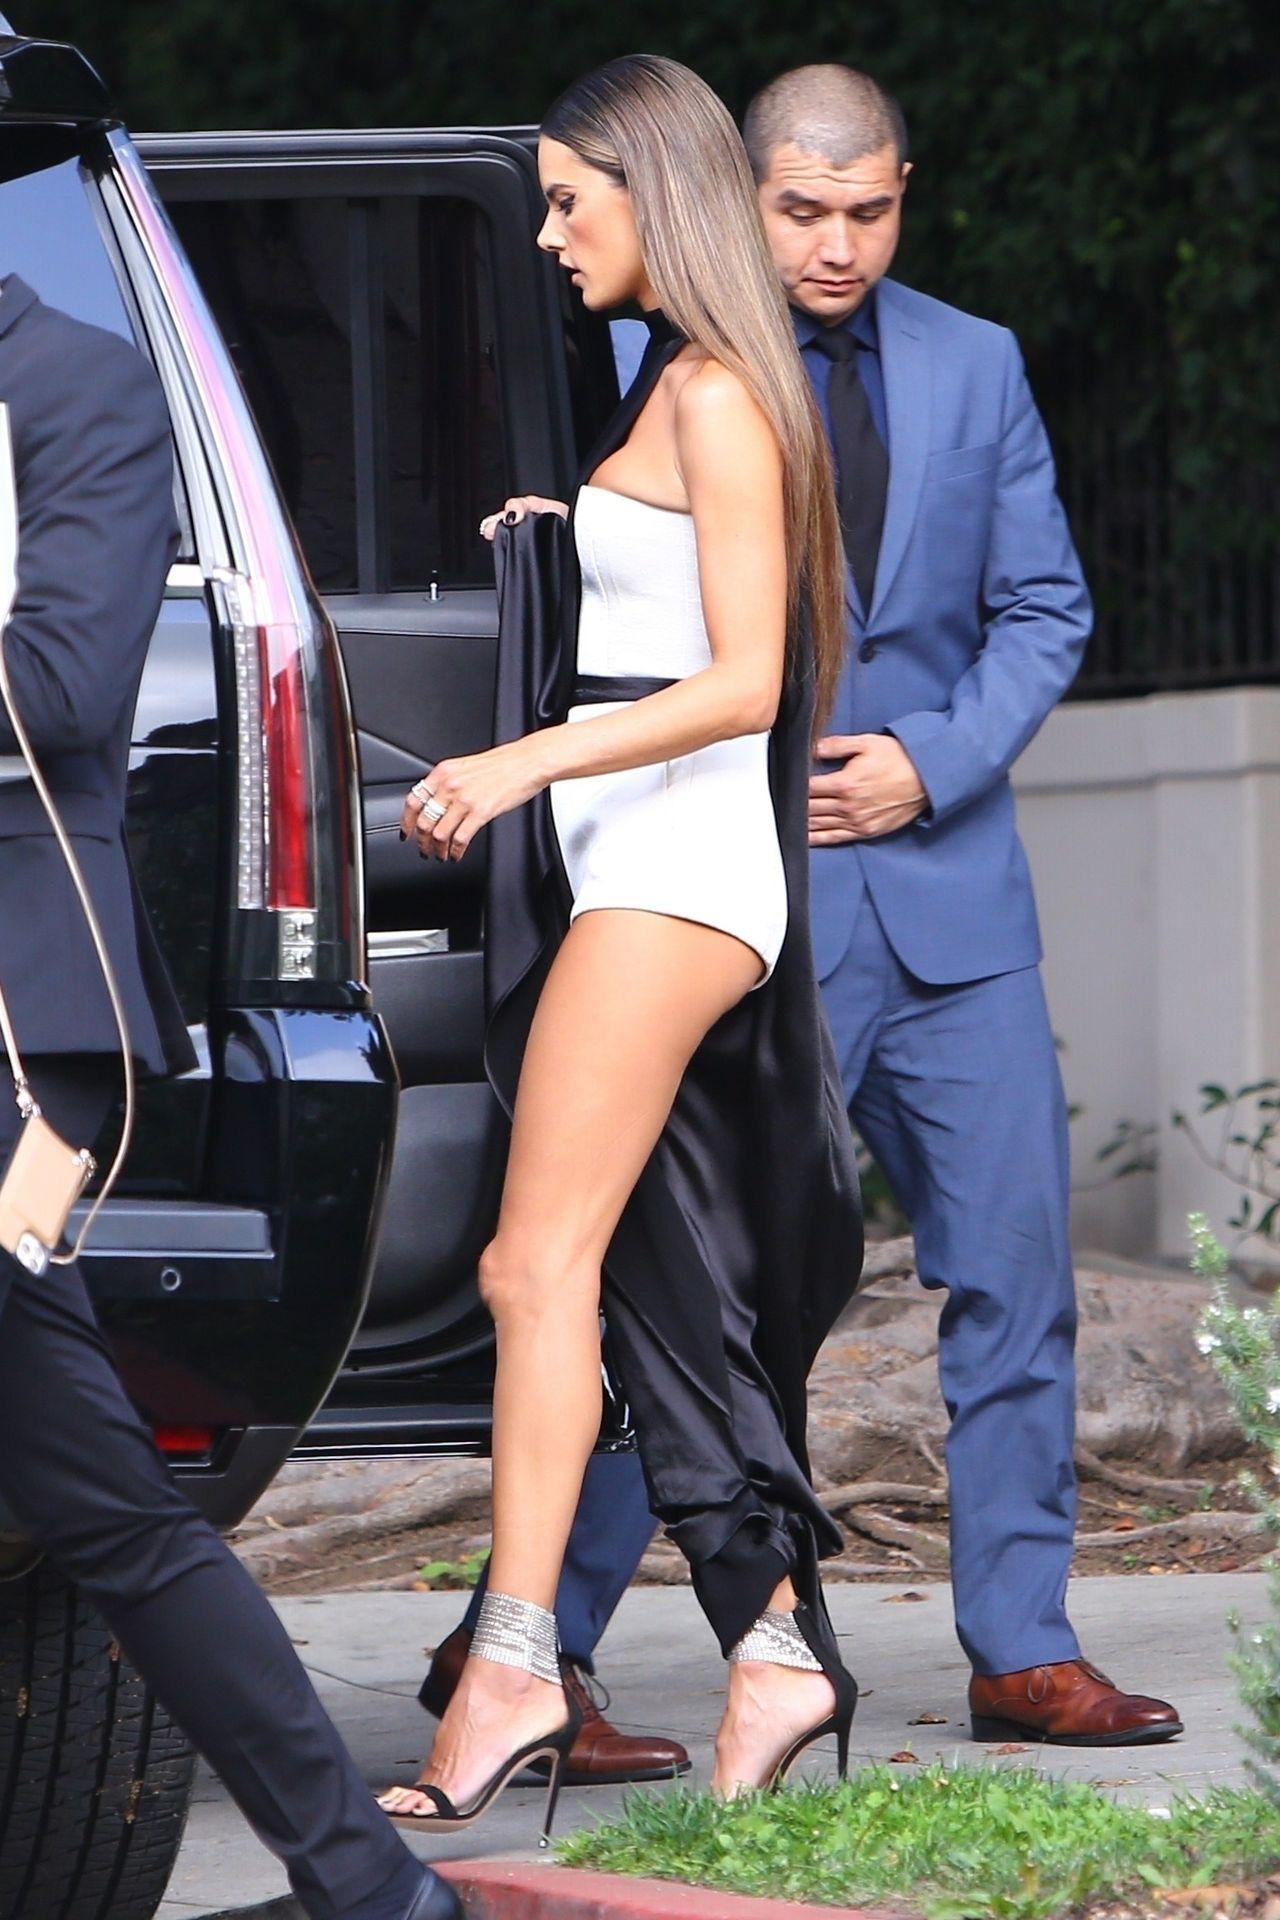 Alessandra Ambrosio Looks Stunning Ahead Of The Grammys 0019